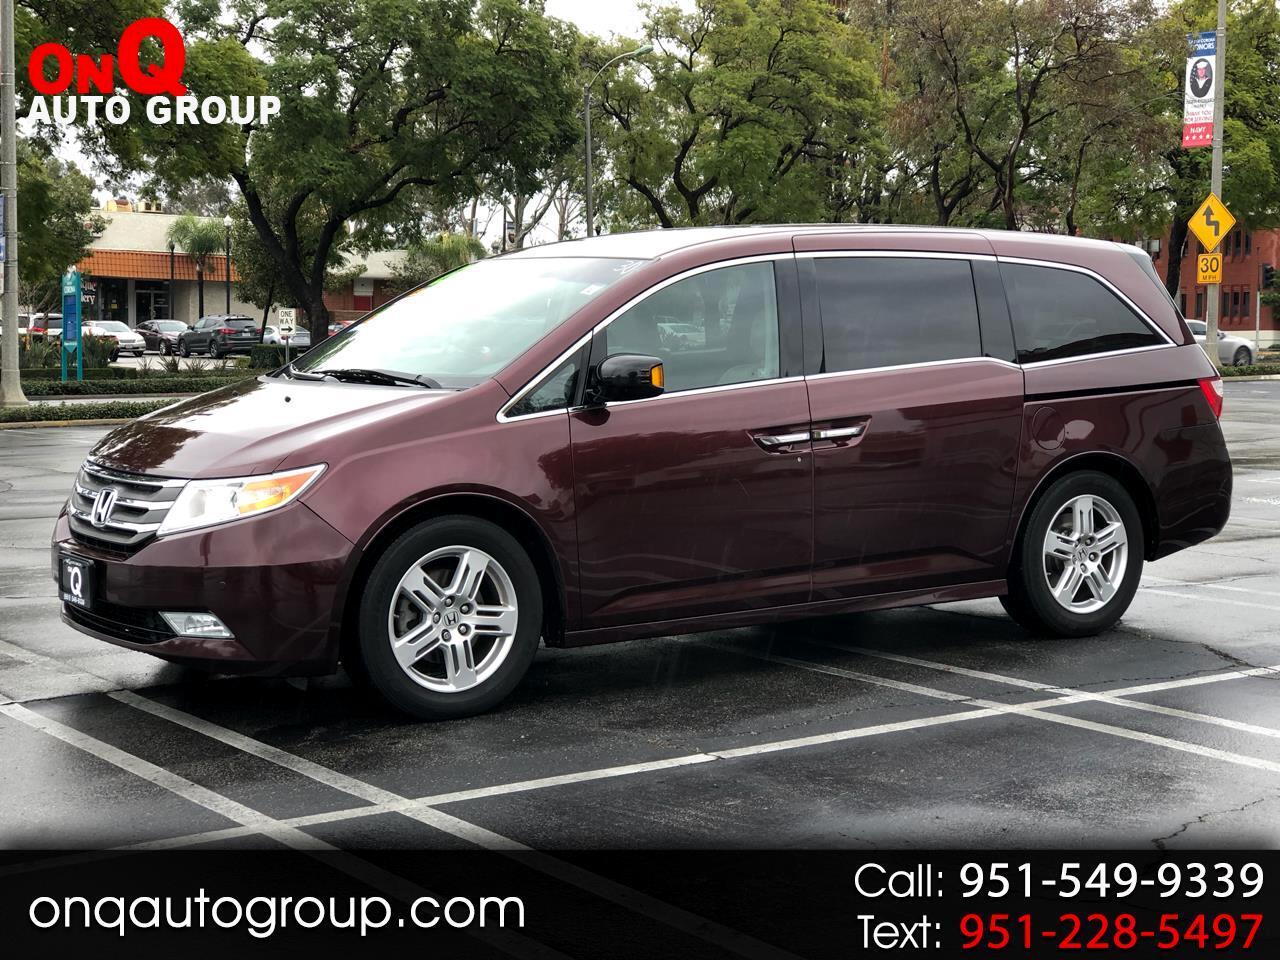 2012 Honda Odyssey 5dr Touring